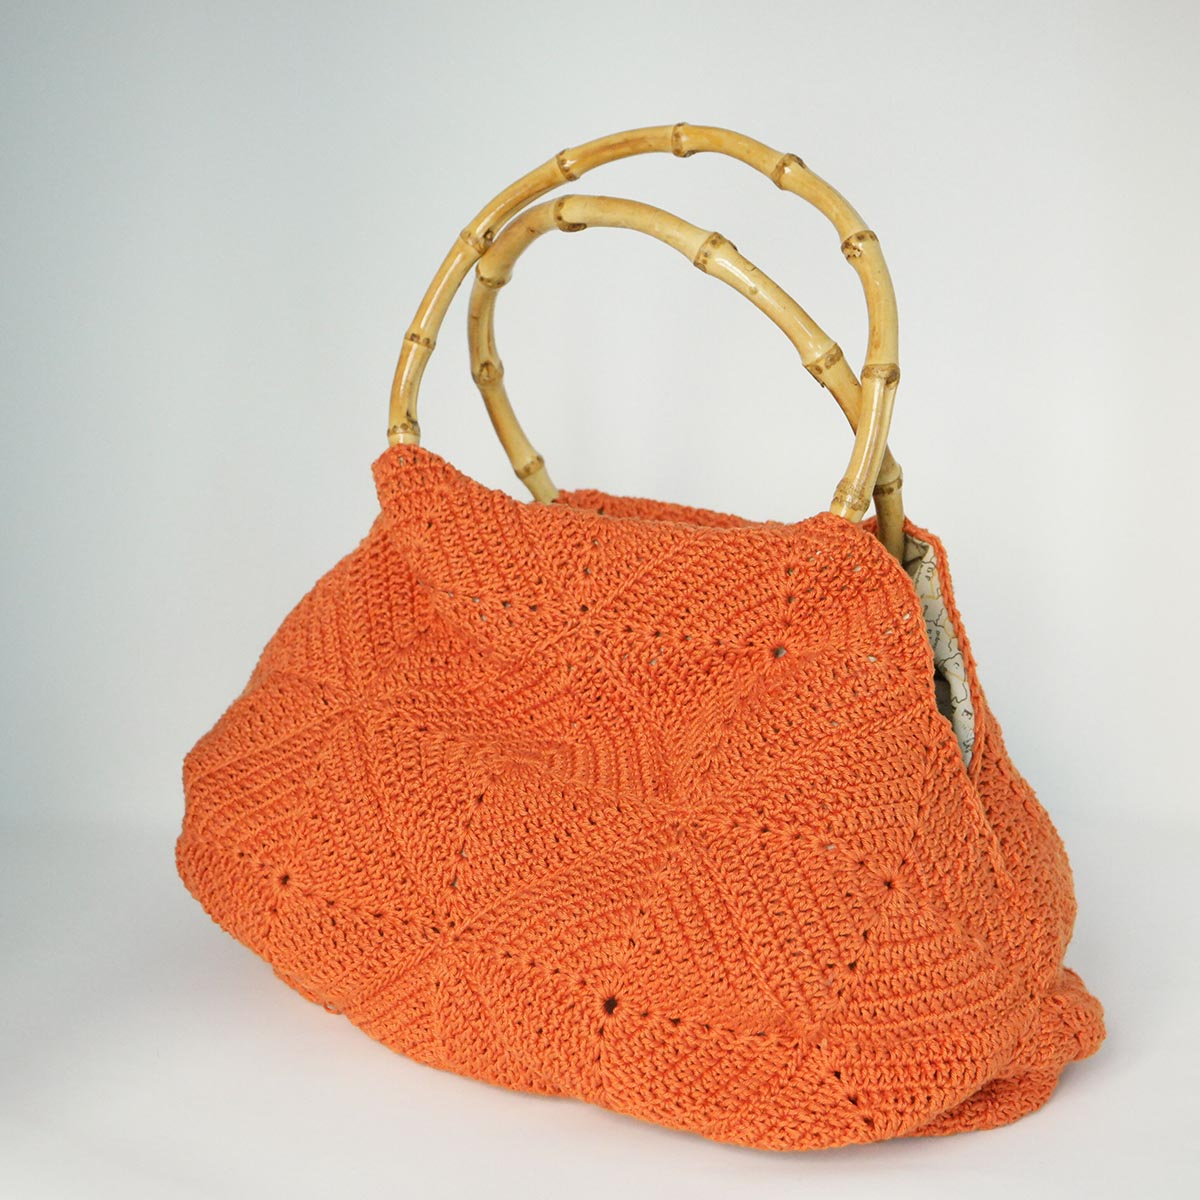 borsa crochet con manici in legno